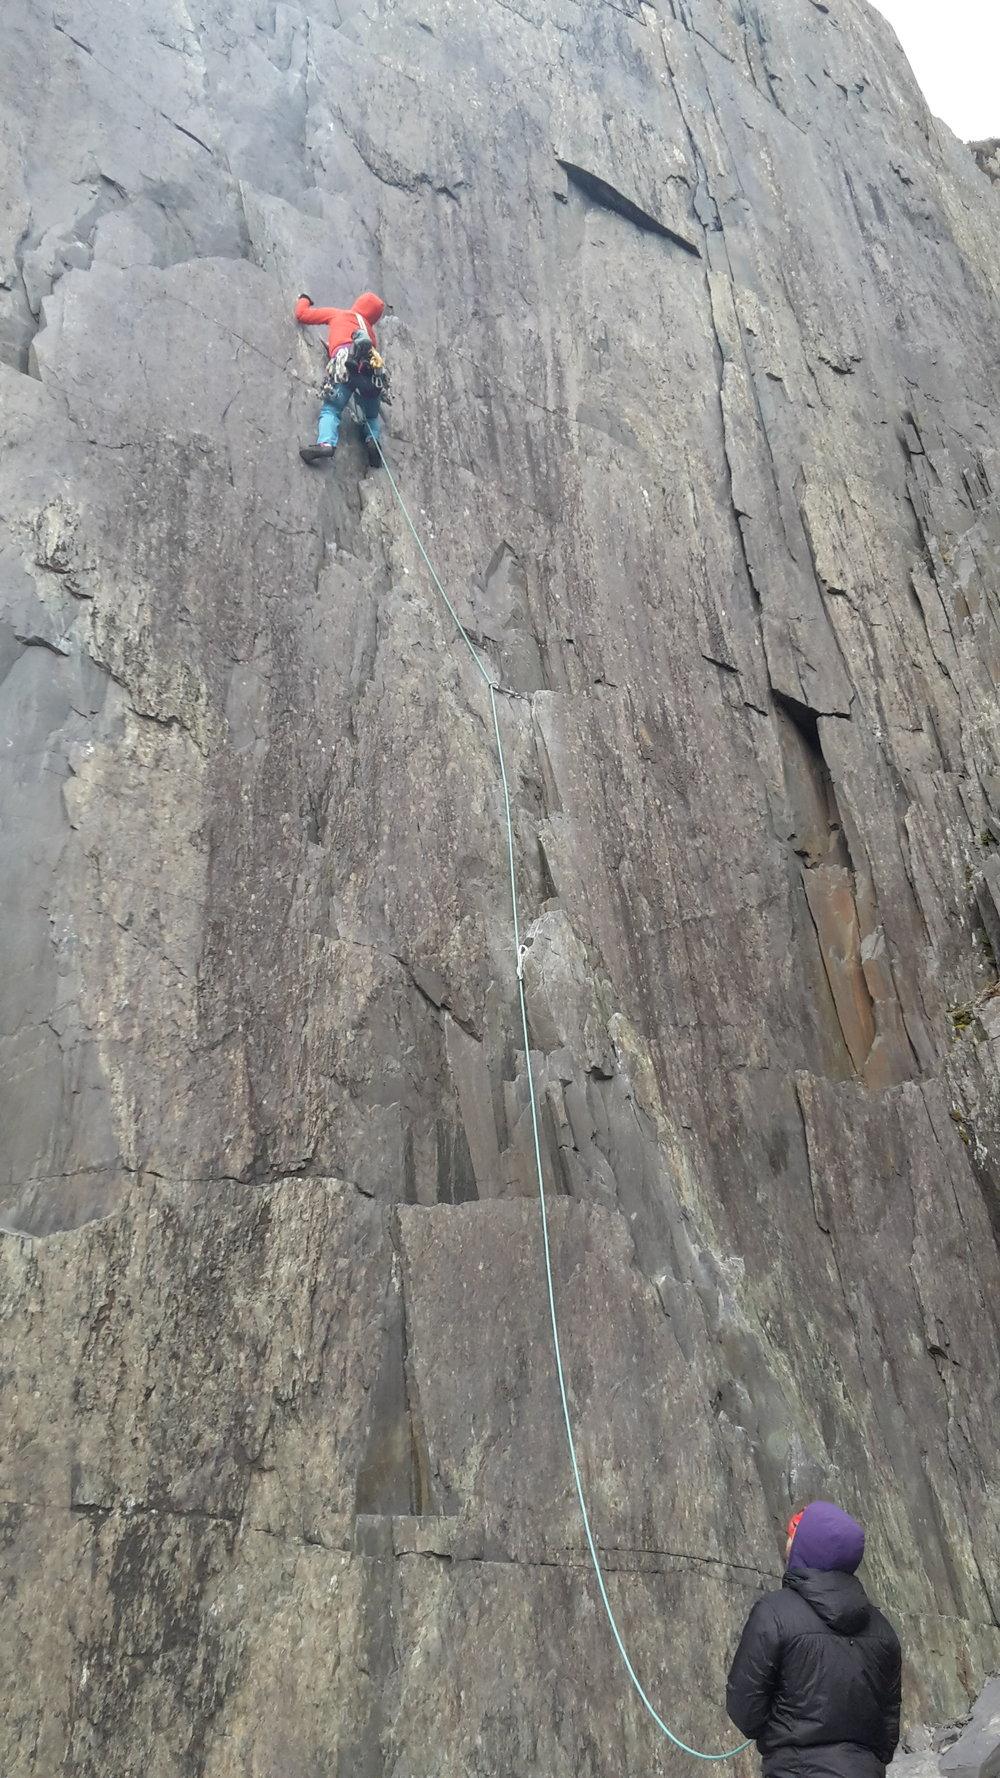 Climbing teams the same